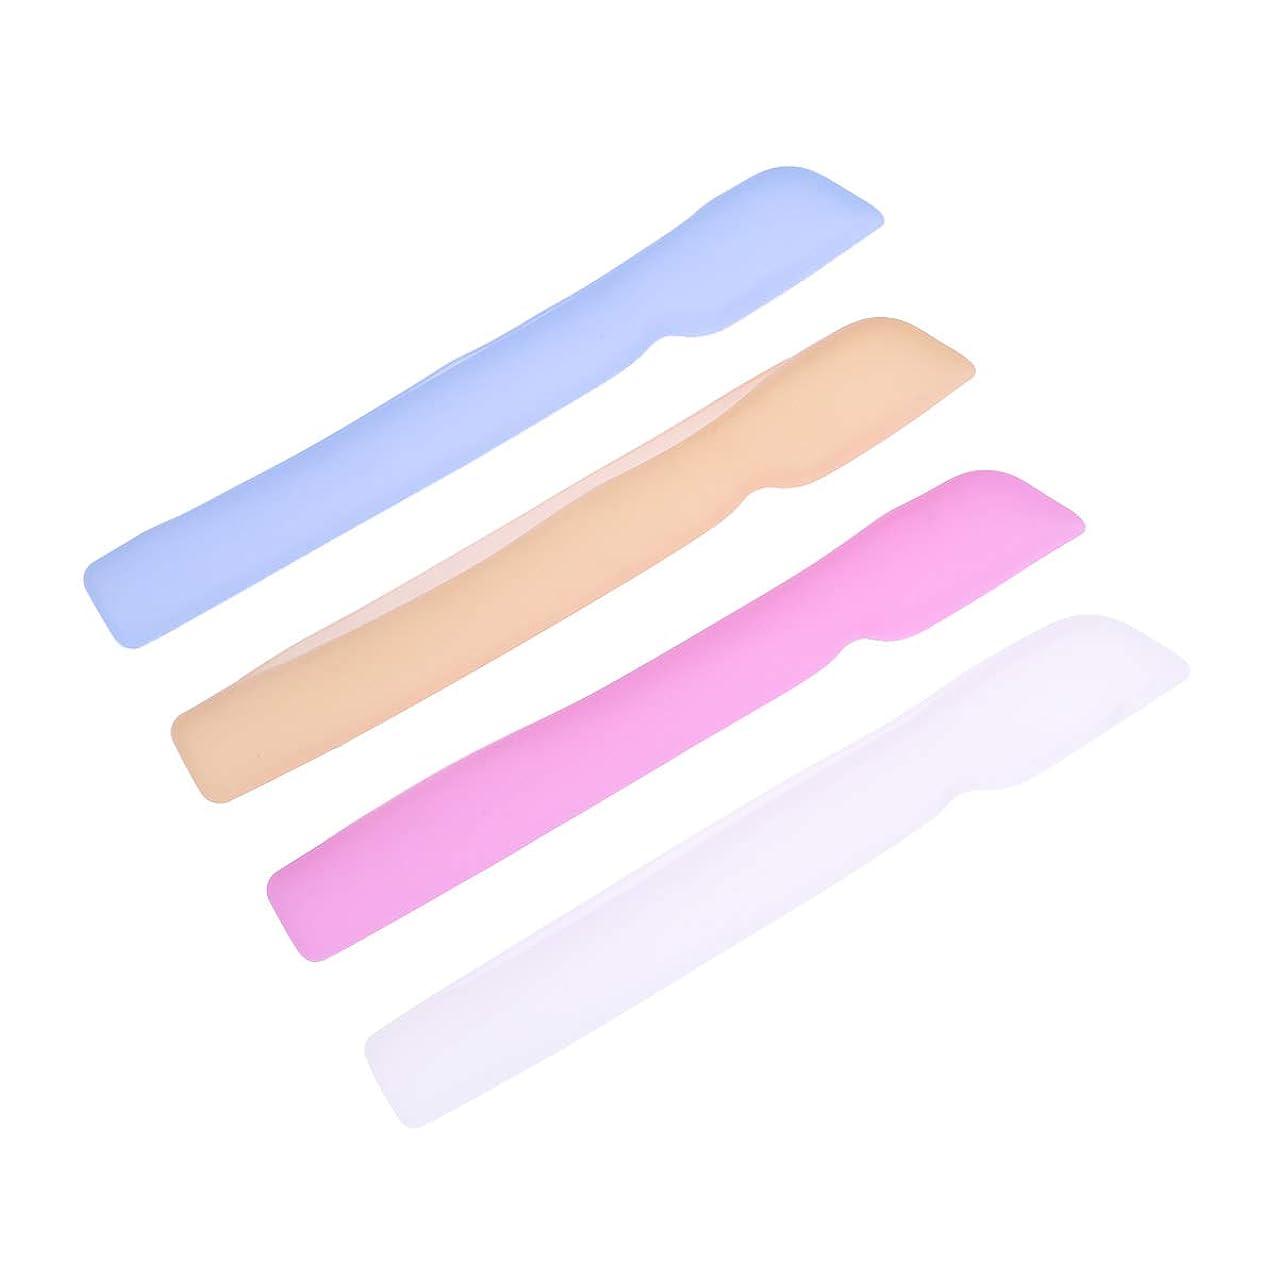 濃度りんご切り下げHEALLILYシリコン歯ブラシケースカバー歯ブラシ用保護カバー保護ケース用4本(ブルー+ピンク+ライトイエロー+ホワイト)